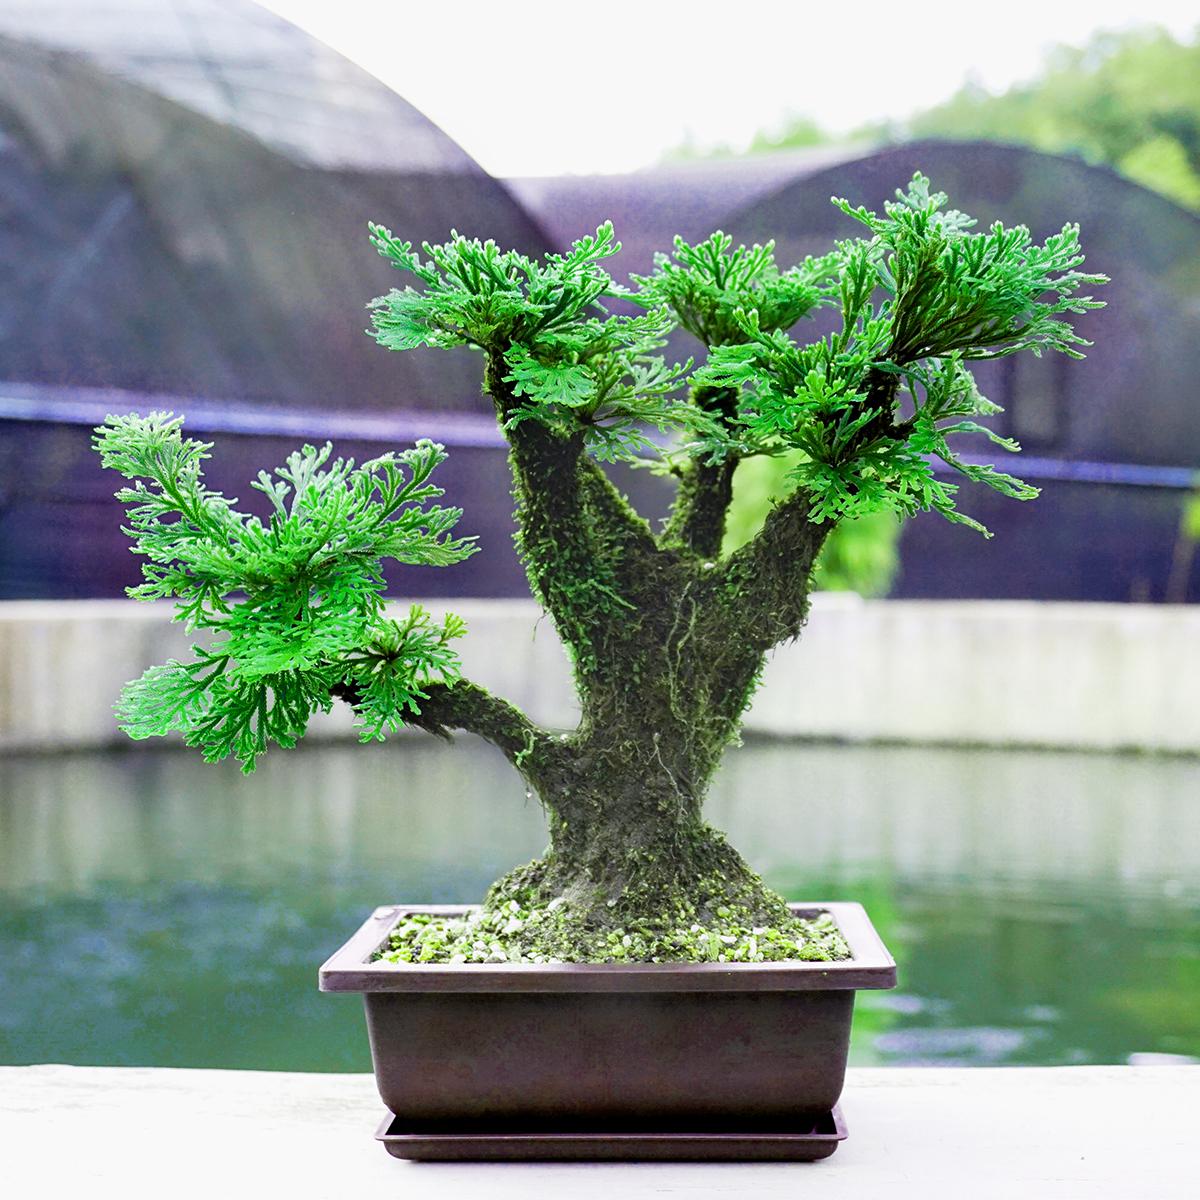 野生卷柏九死还魂草假山组合吸水石菖蒲桌面花卉植物微型盆景盆栽